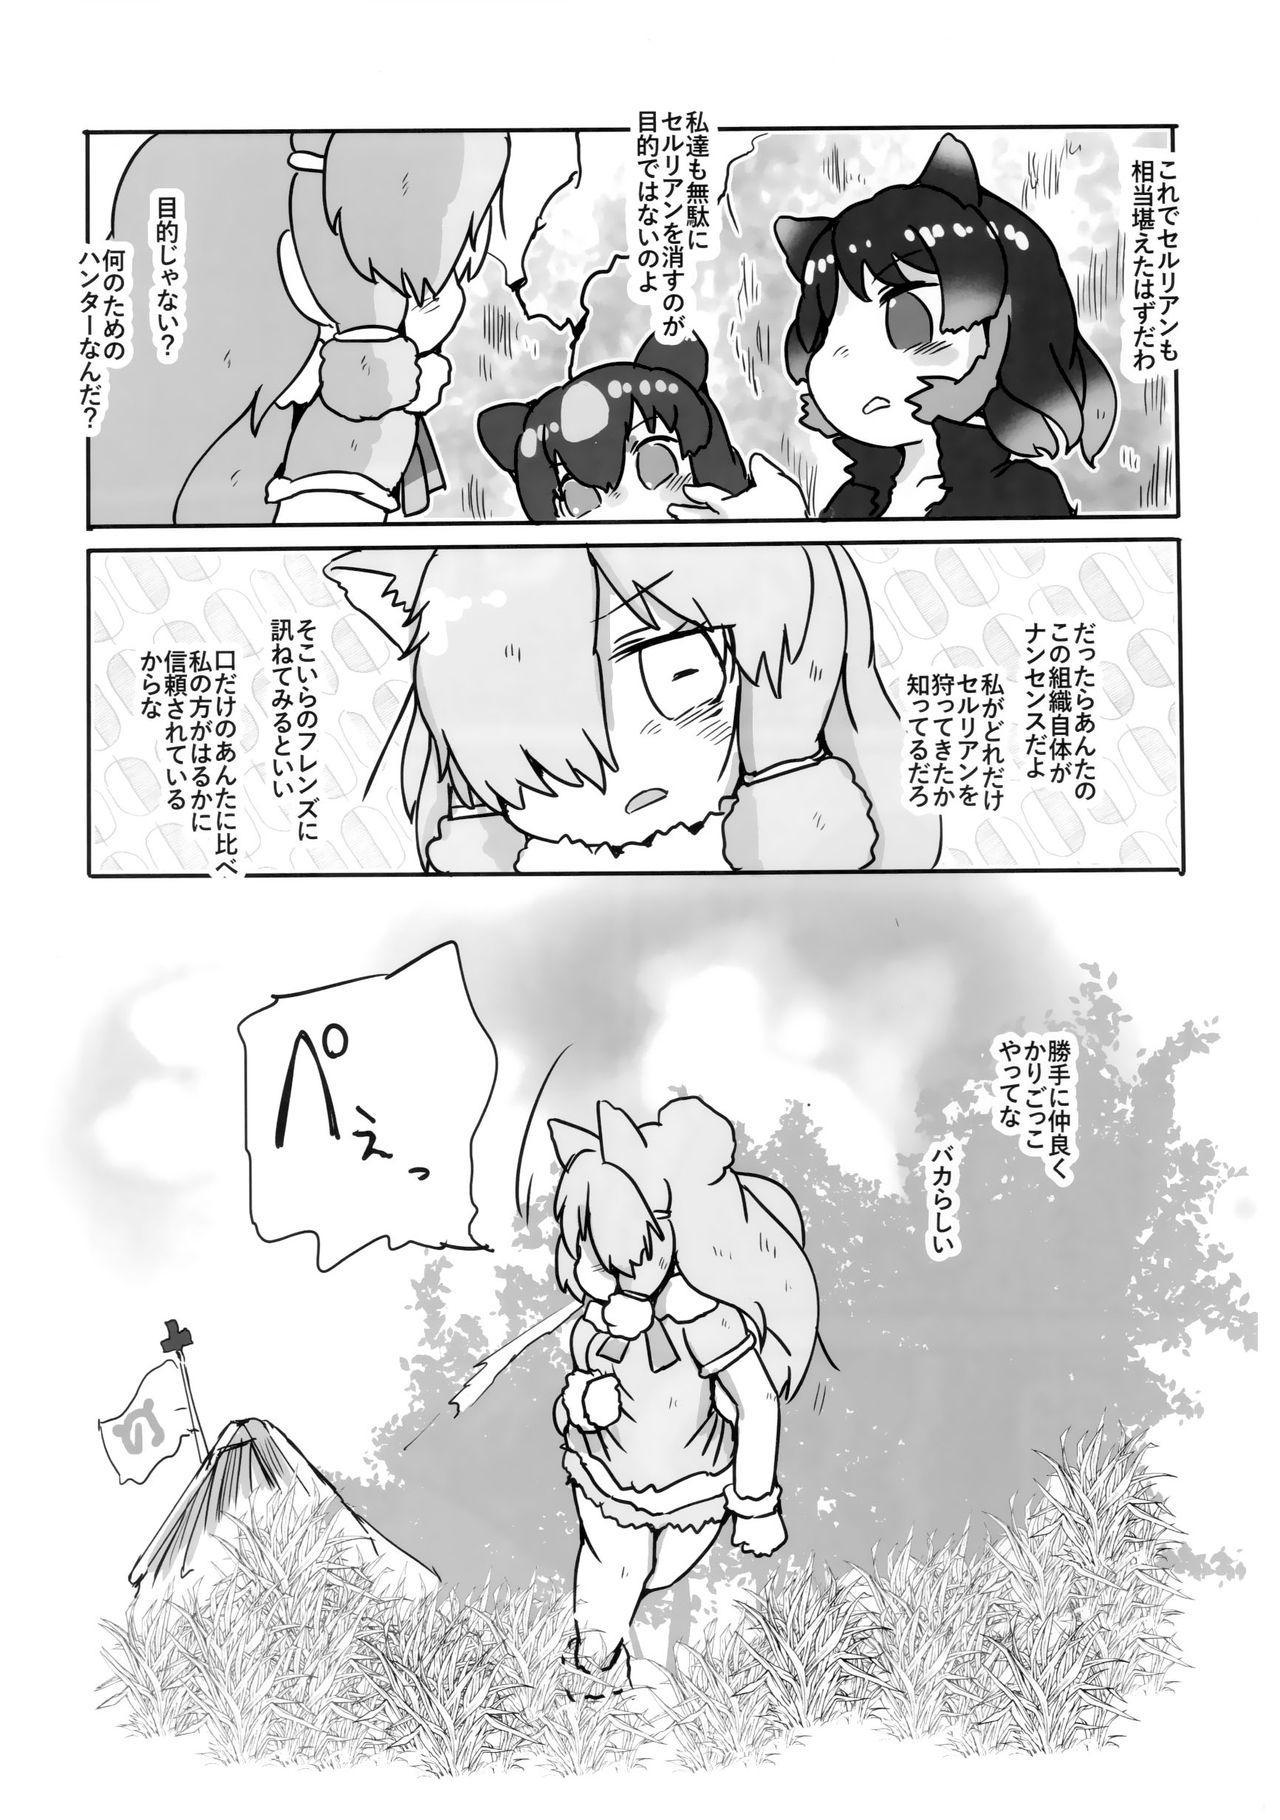 Boku, Koko de Zutto Kimi to Itai. 23